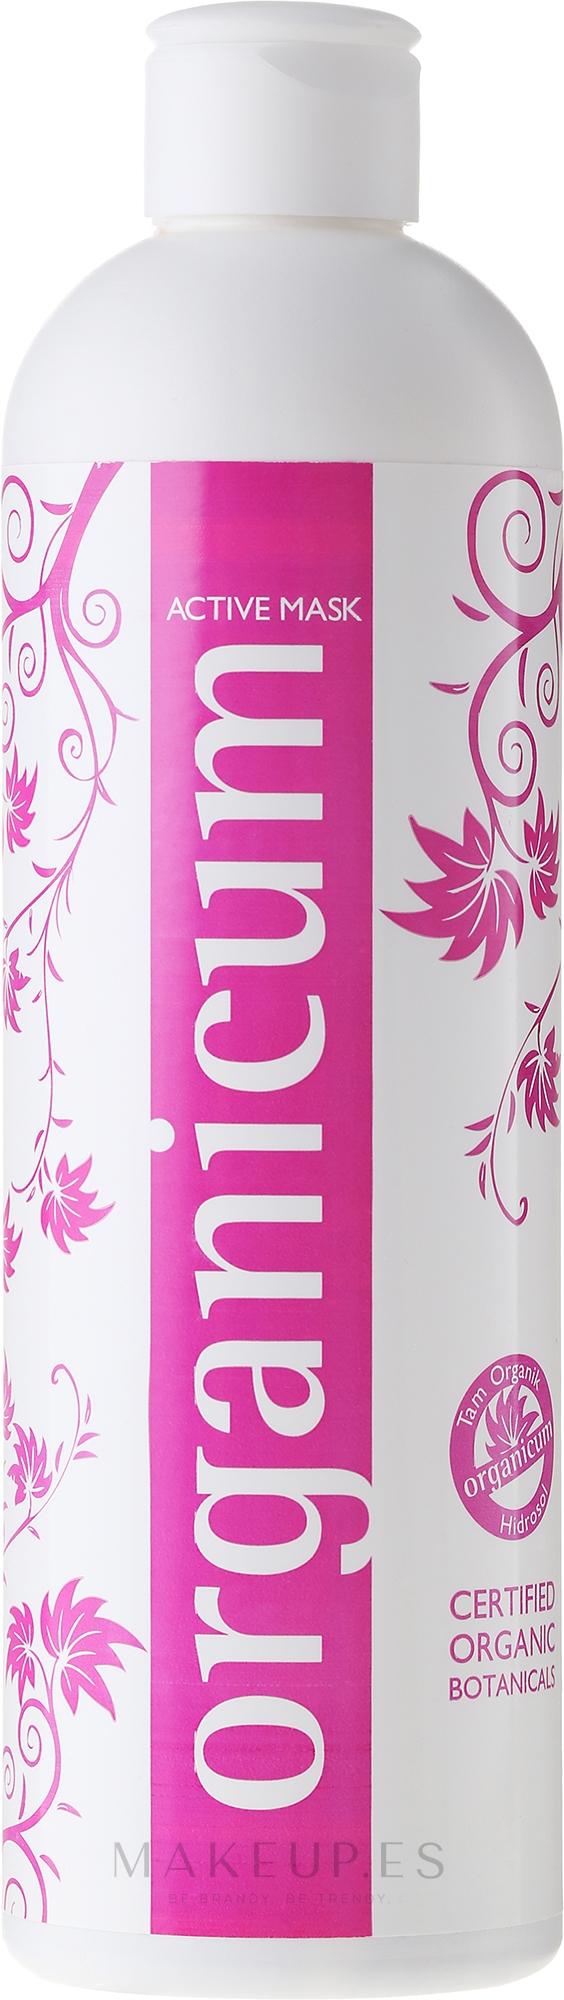 Mascarilla capilar nutritiva con aceite de lavanda - Terapi Organicare Mask — imagen 350 ml